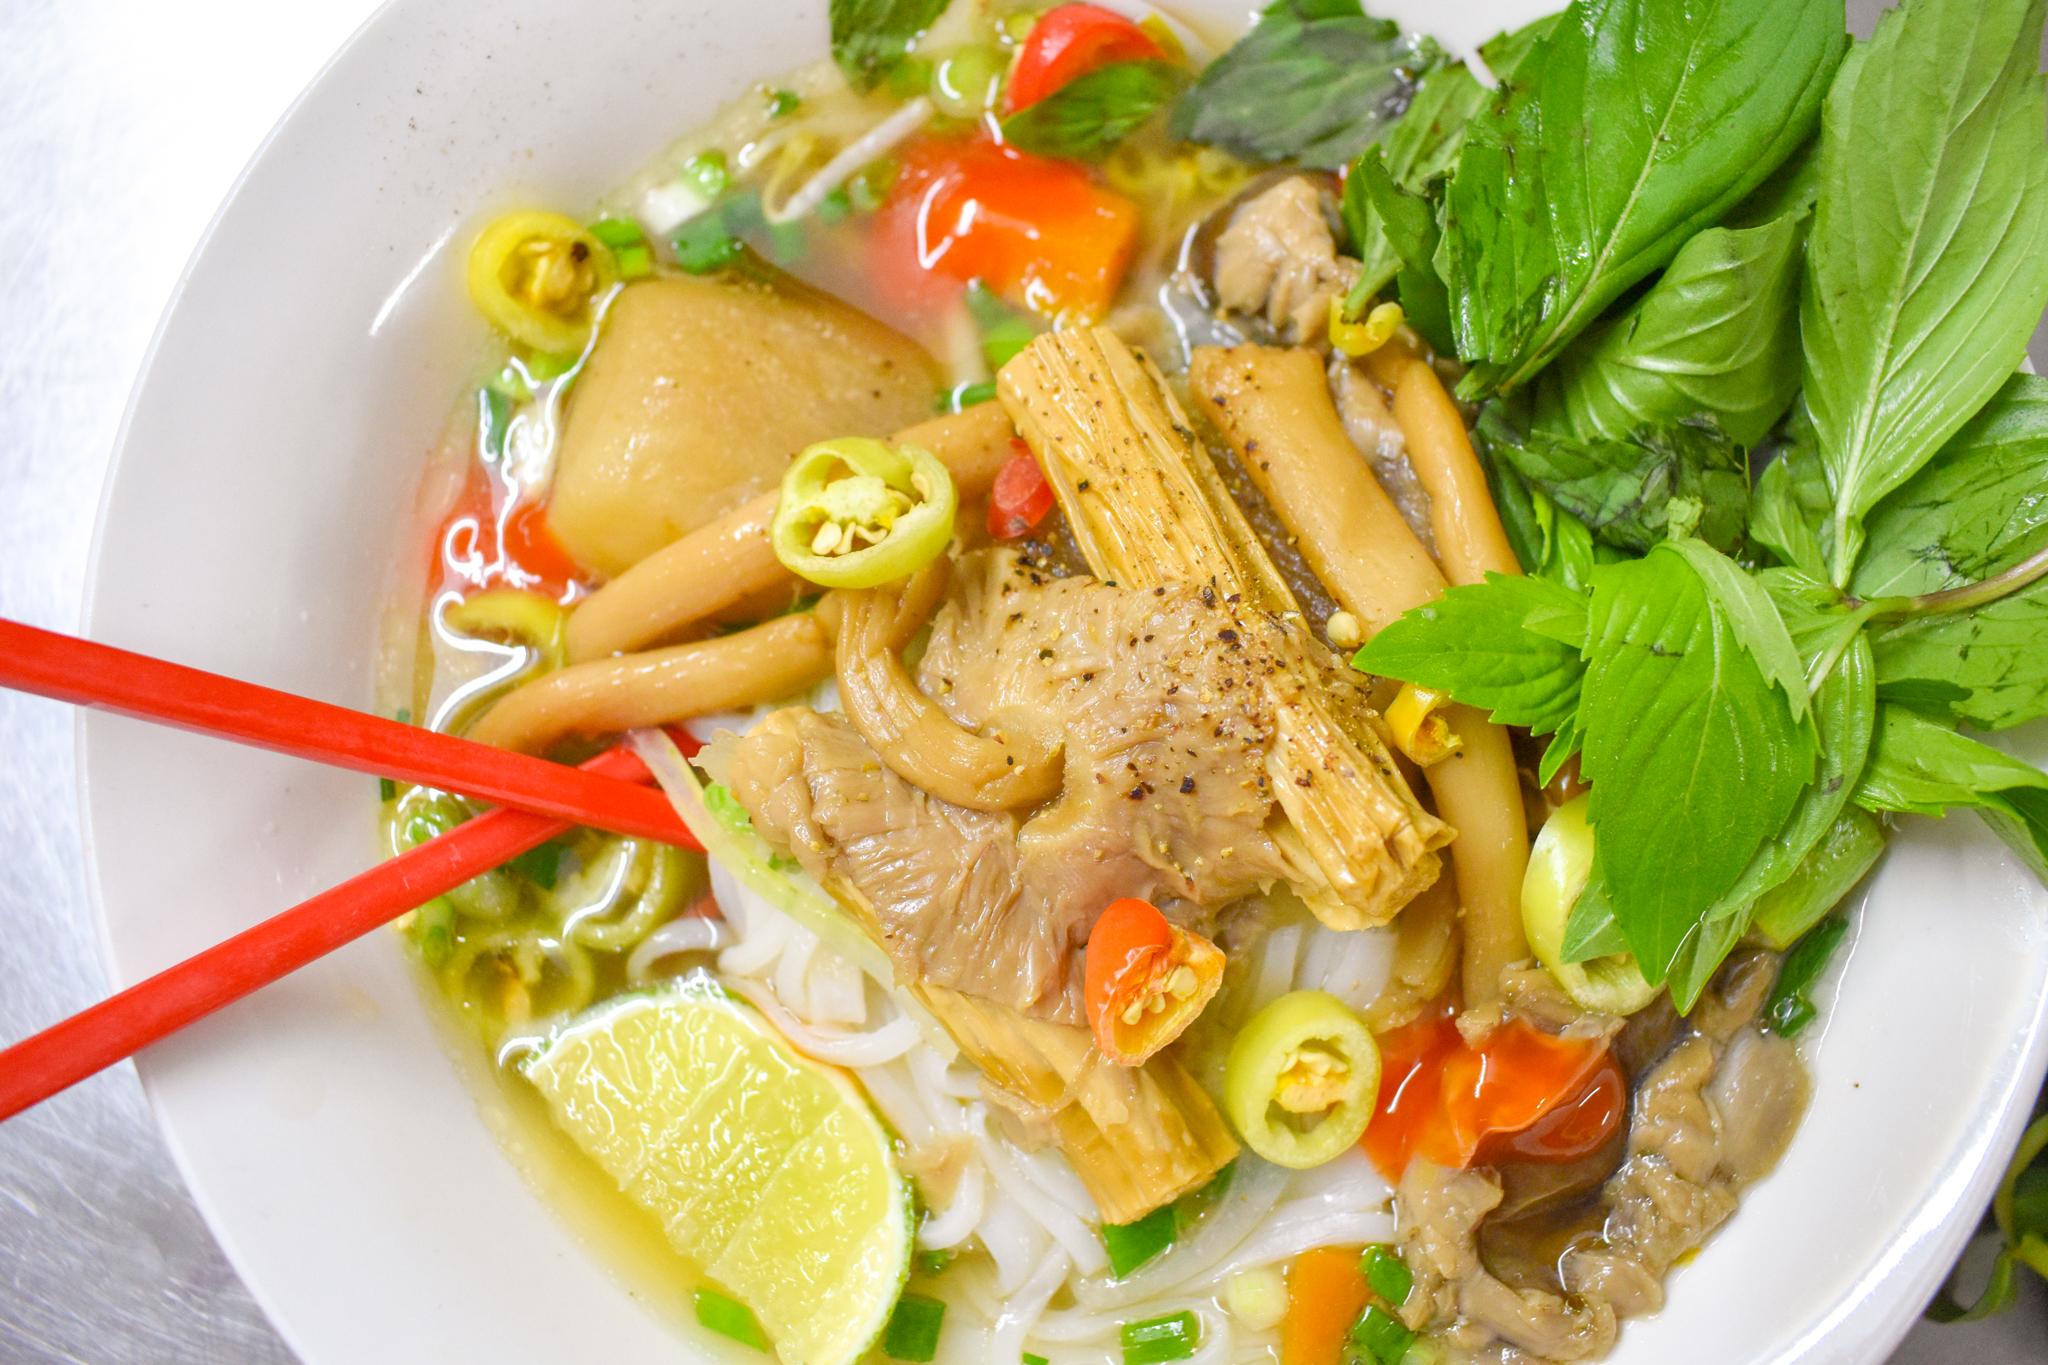 Uprooted-Traveler-Ho-Chi-Minh-Phở-Chay-Như-vegan-saigon-pho.jpg